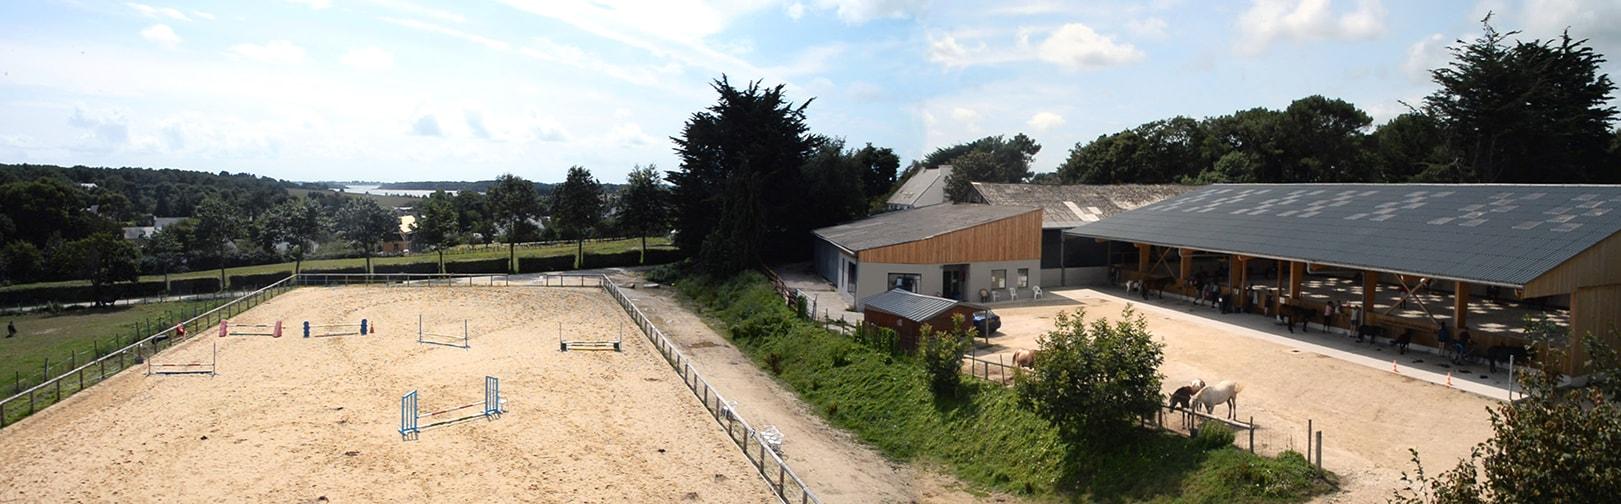 Centre équestre structures manège couvert carrière saut d'obstacles Golfe du Morbihan Baden